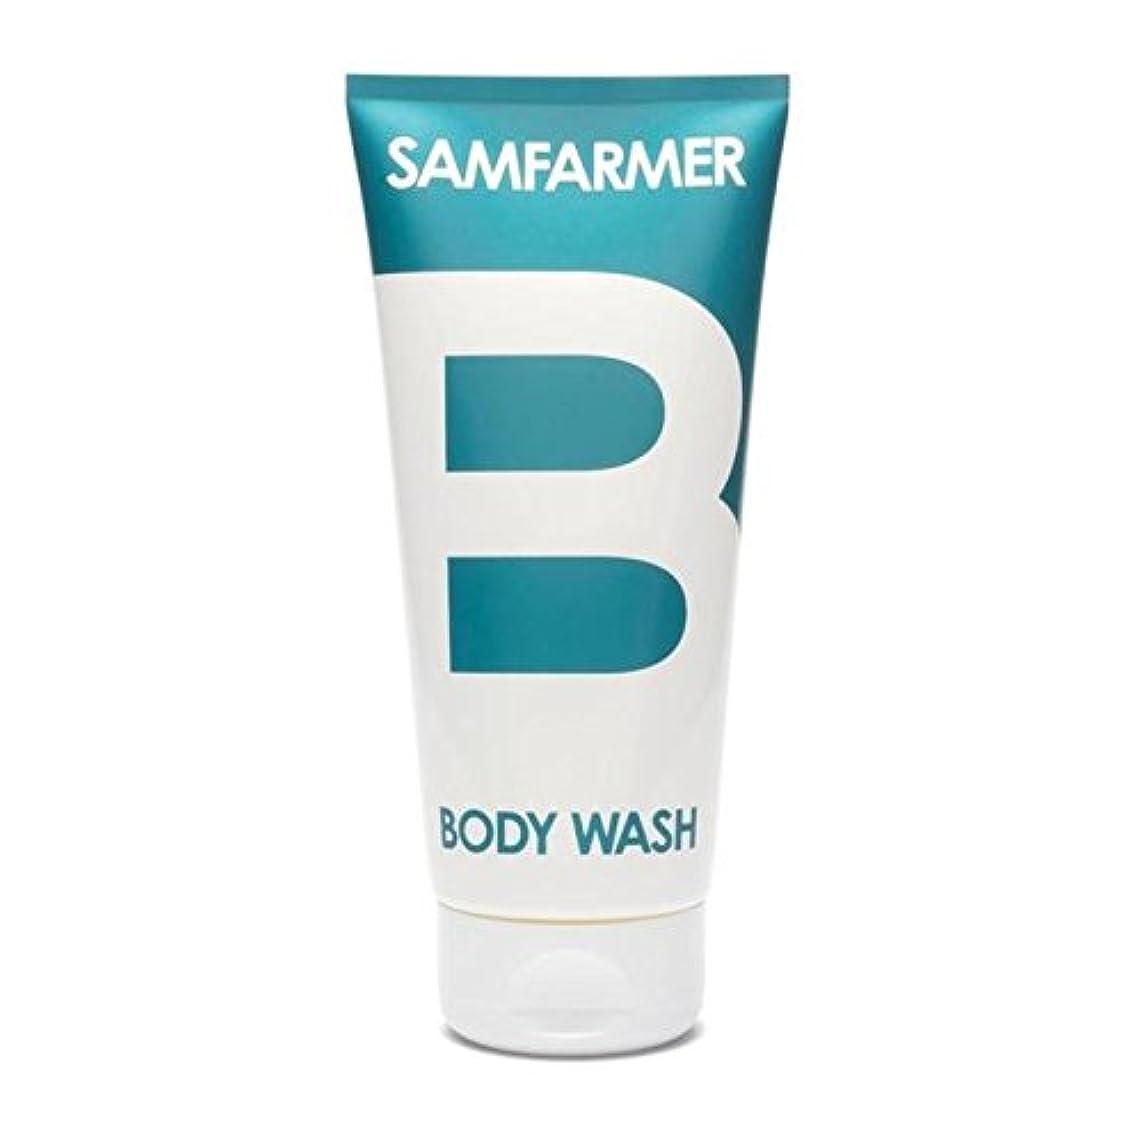 コンチネンタル技術者舌なユニセックスボディウォッシュ200ミリリットル x2 - SAMFARMER Unisex Body Wash 200ml (Pack of 2) [並行輸入品]